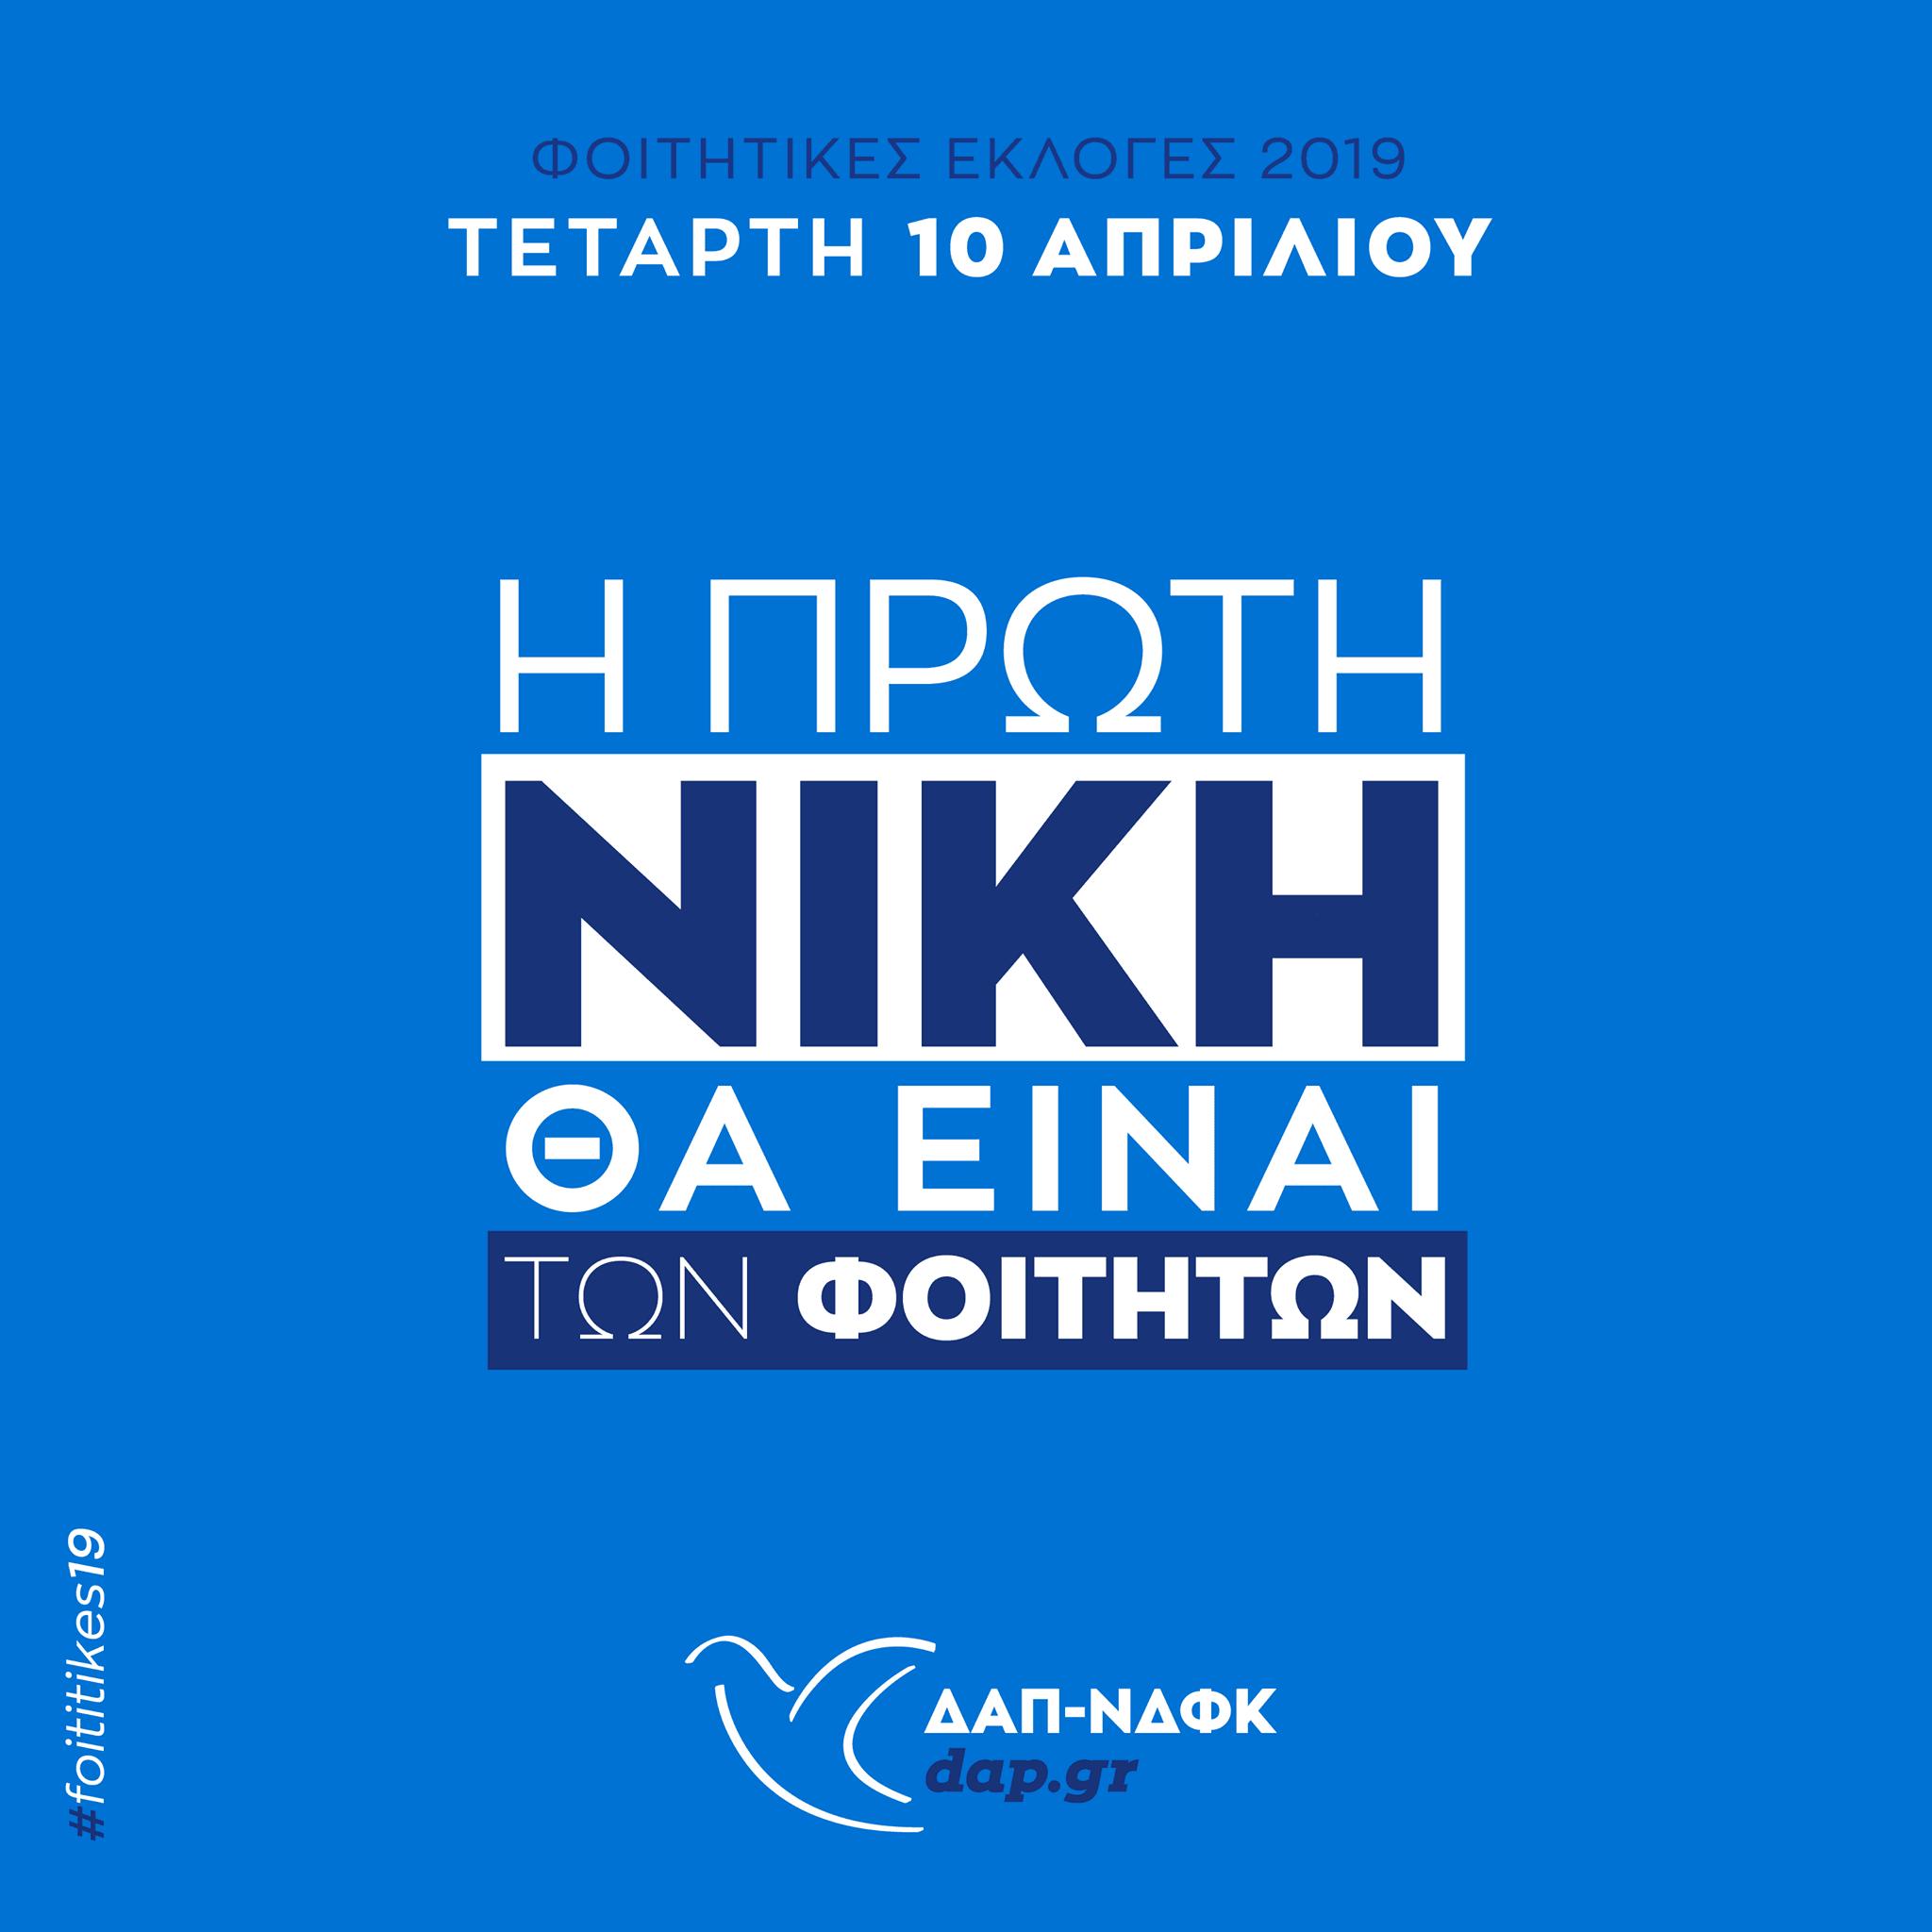 Φοιτητικές Εκλογές 2019 Αφίσα ΔΑΠ-ΝΔΦΚ